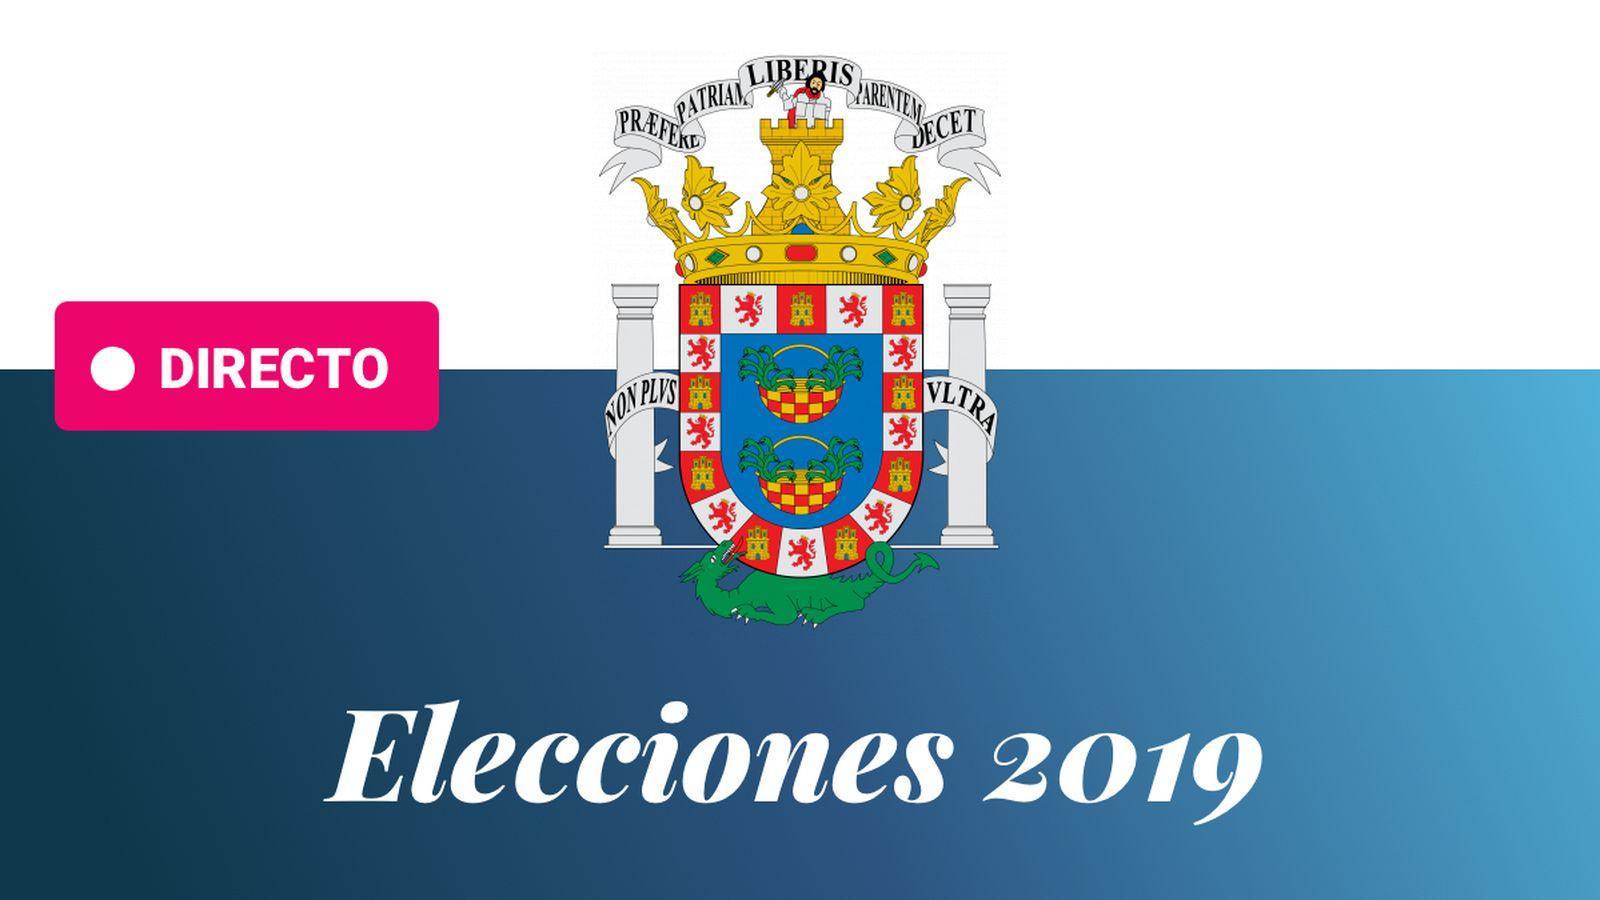 Foto: Elecciones generales 2019 en la ciudad autónoma de Melilla. (C.C./SanchoPanzaXXI)